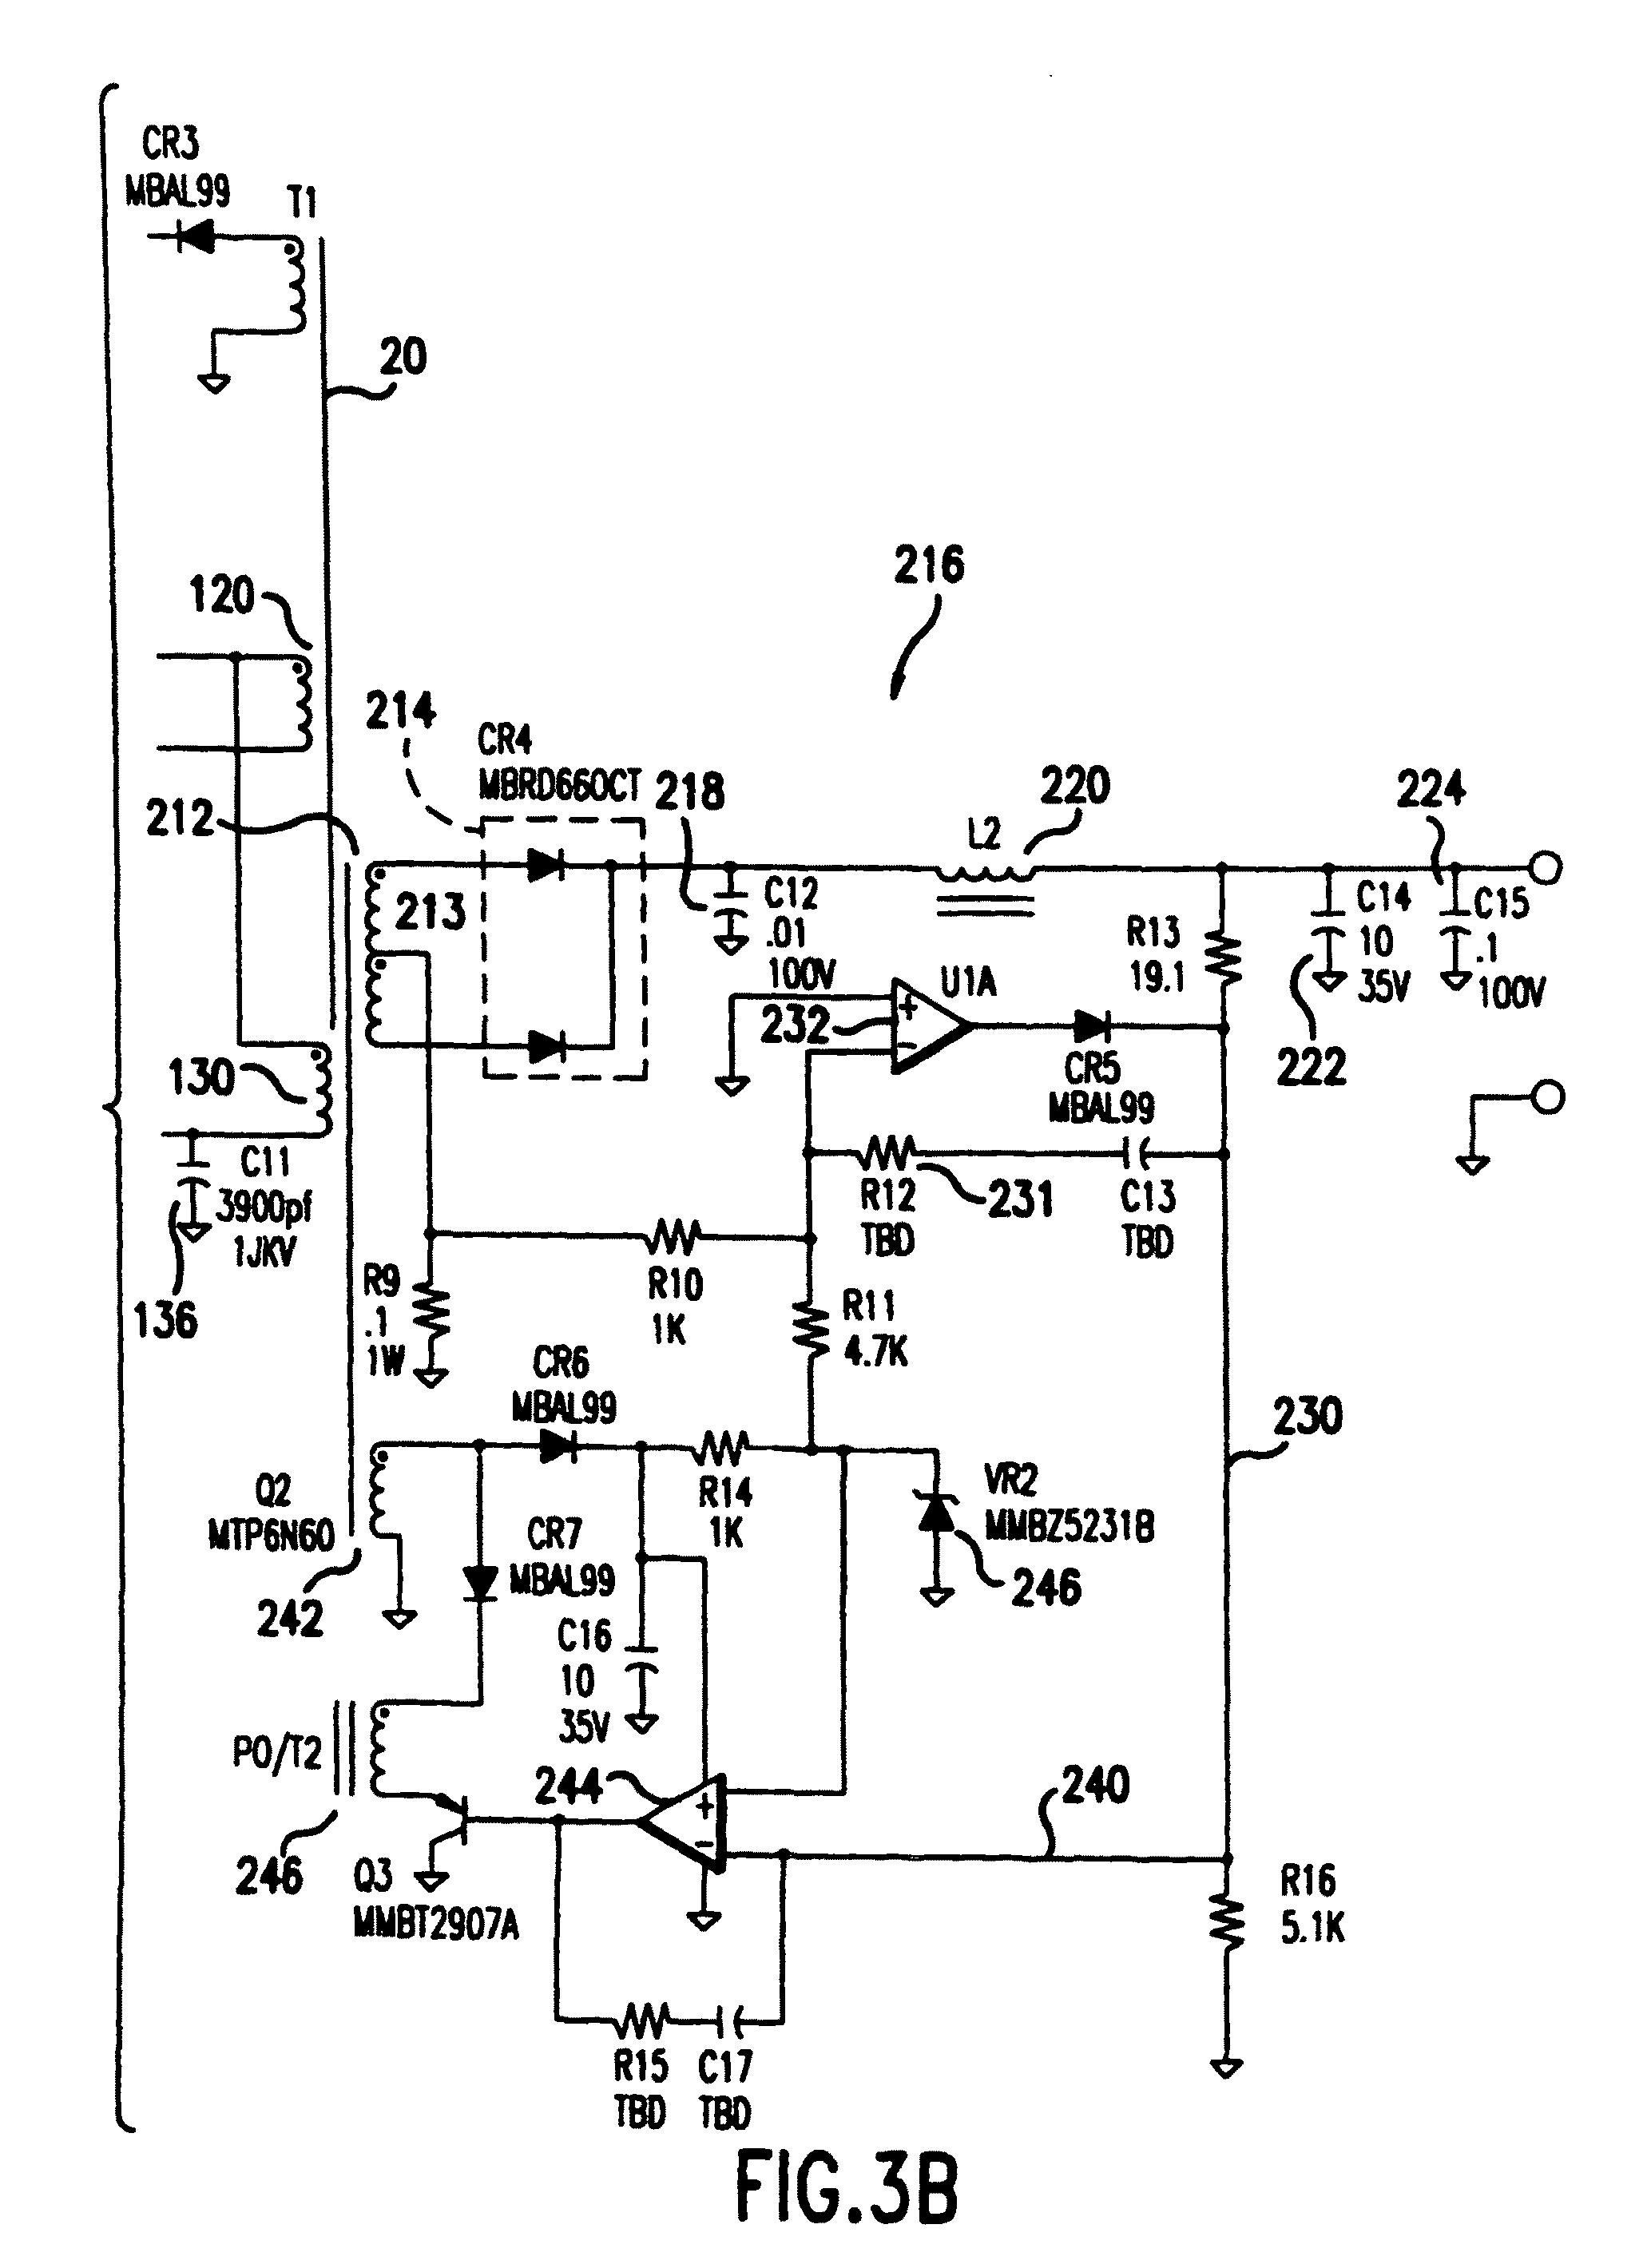 patent us 7 863 770 b2 Upgrade Diagram patent